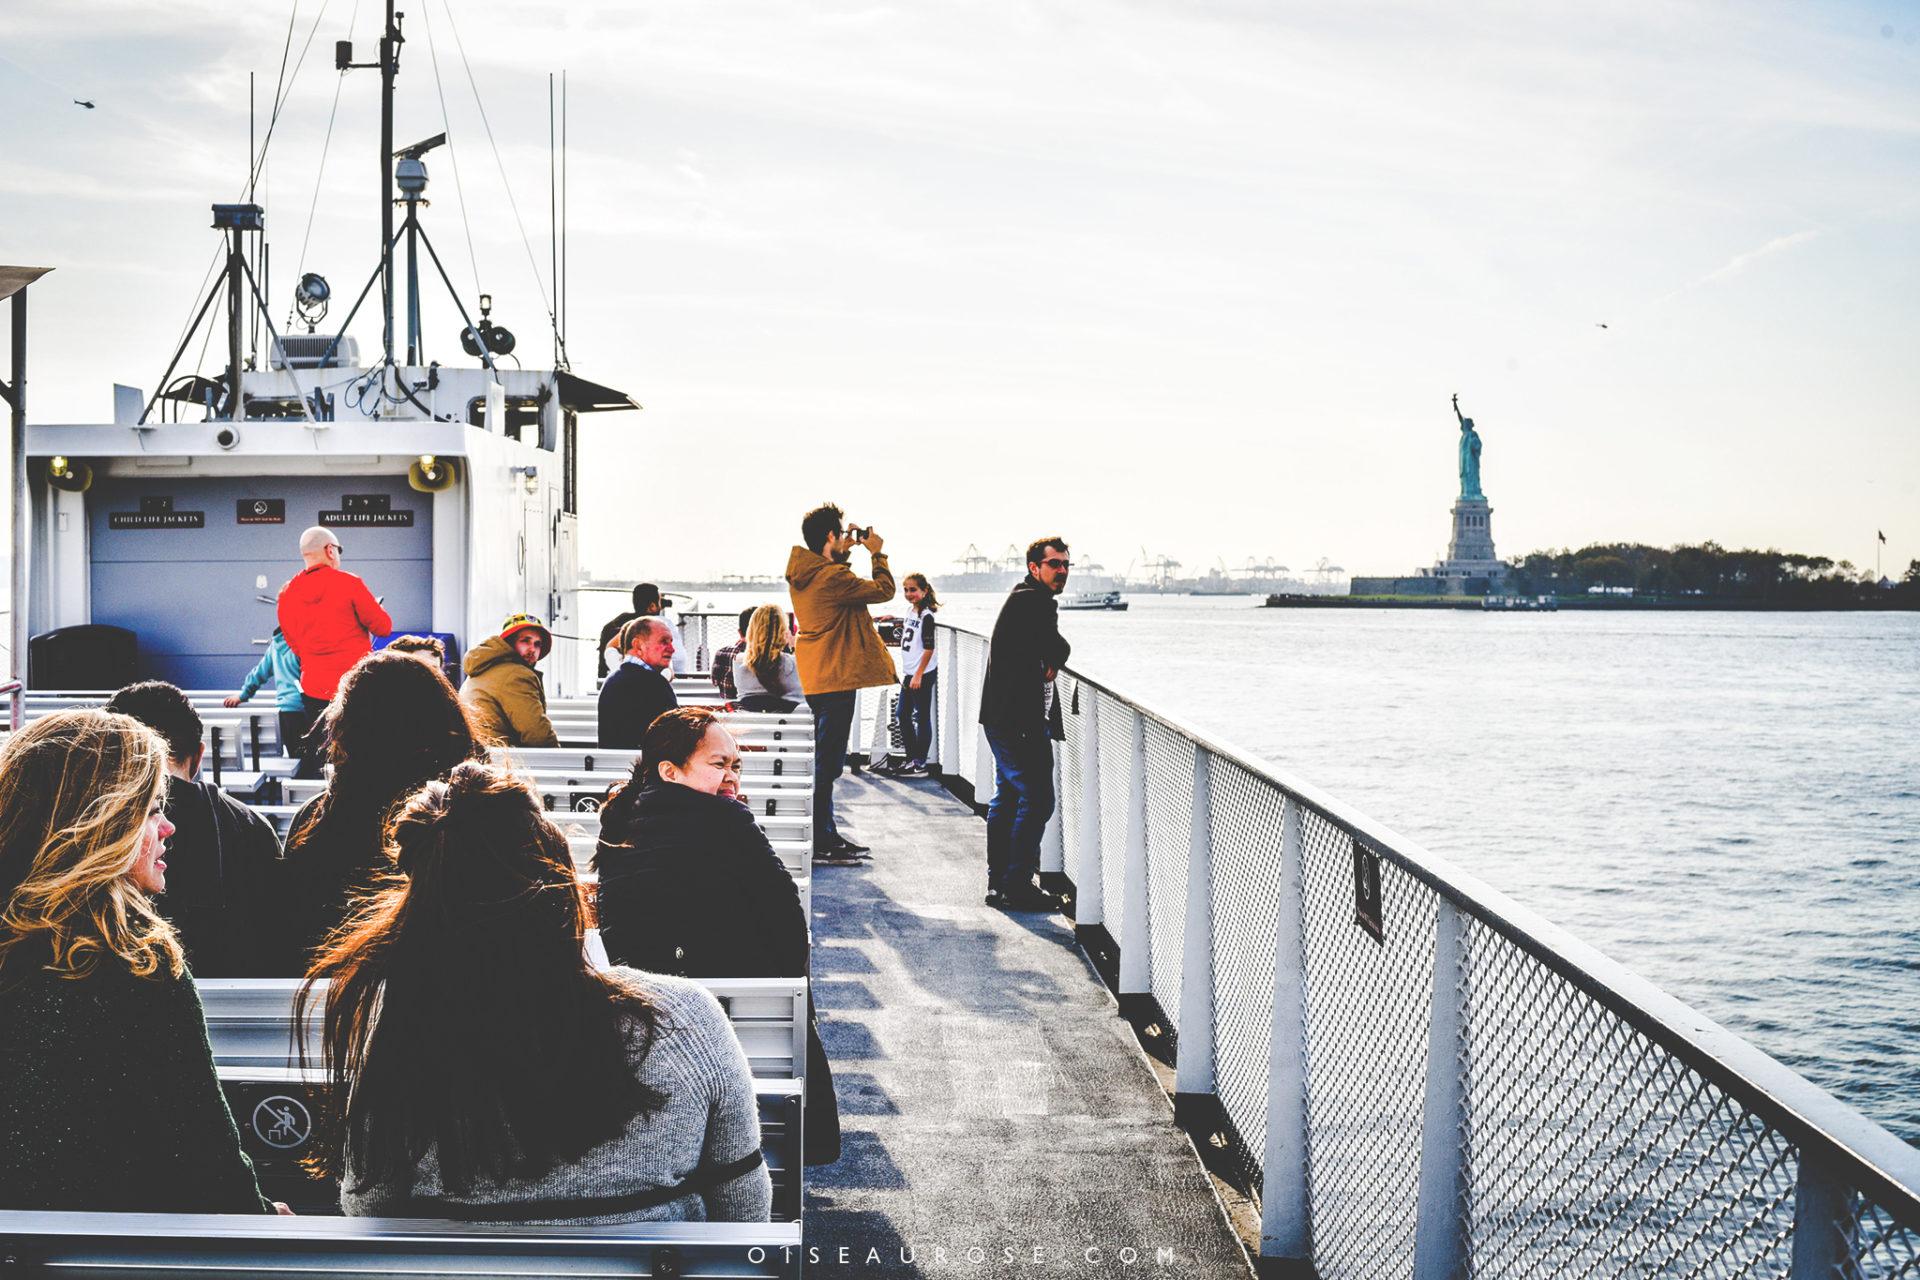 visiter la statue de la liberté en ferry